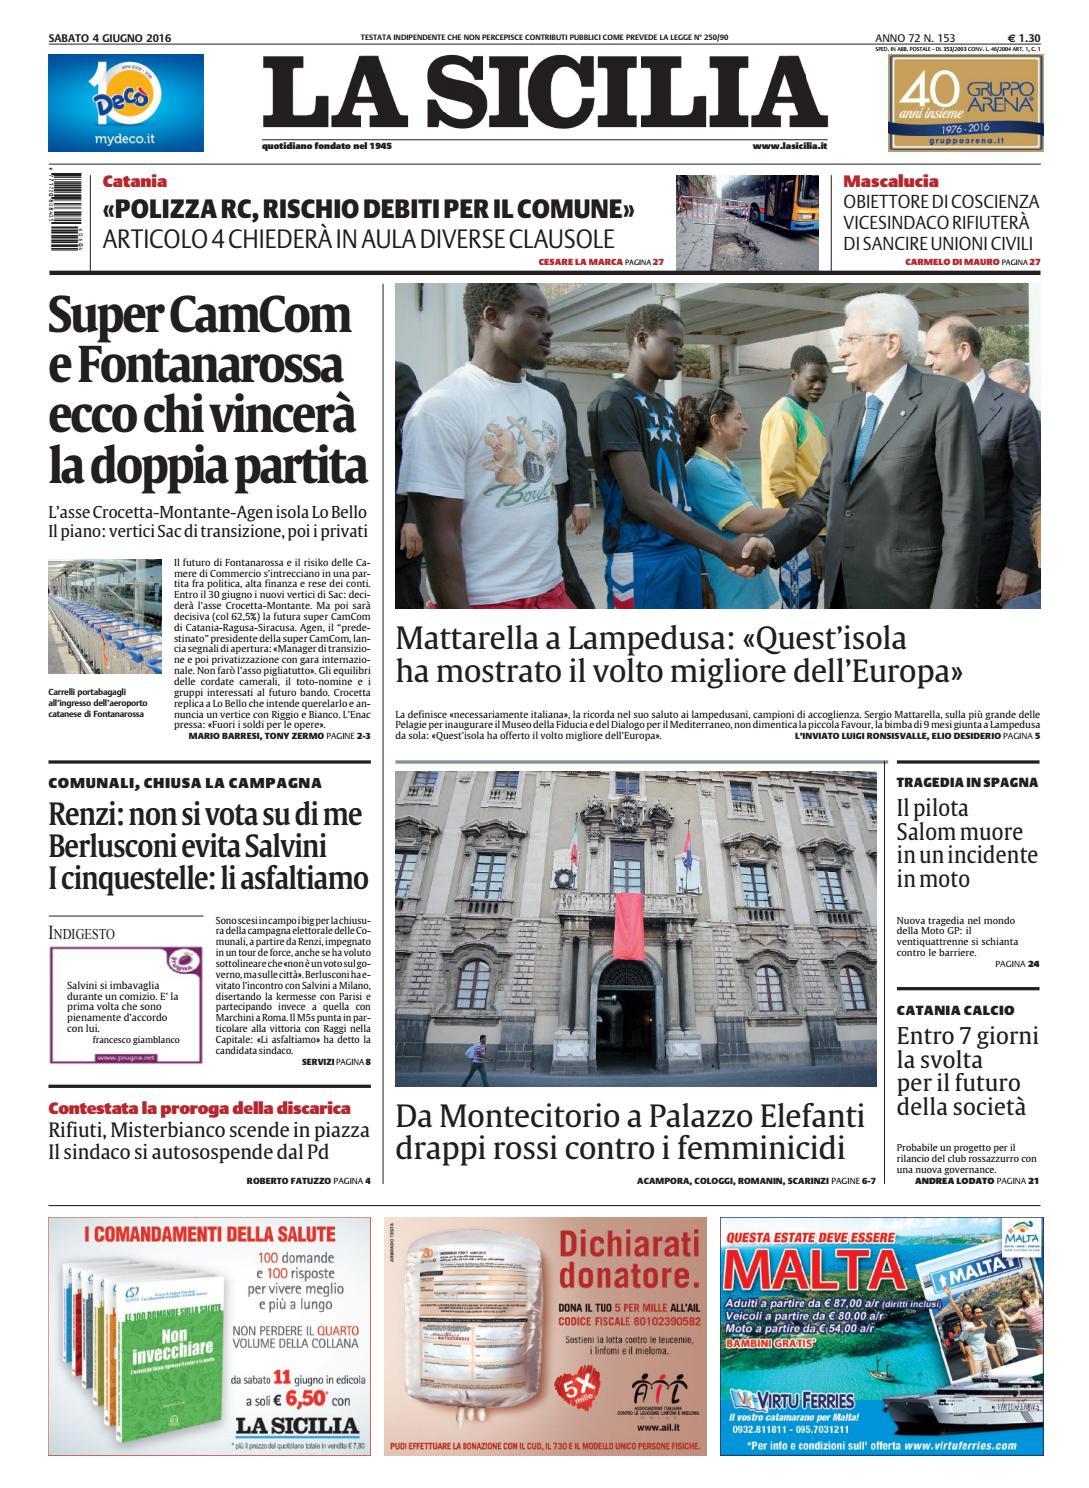 La sicilia 04 giugno 2016 by ulderico lepreri design for Affitti catania privati non arredati